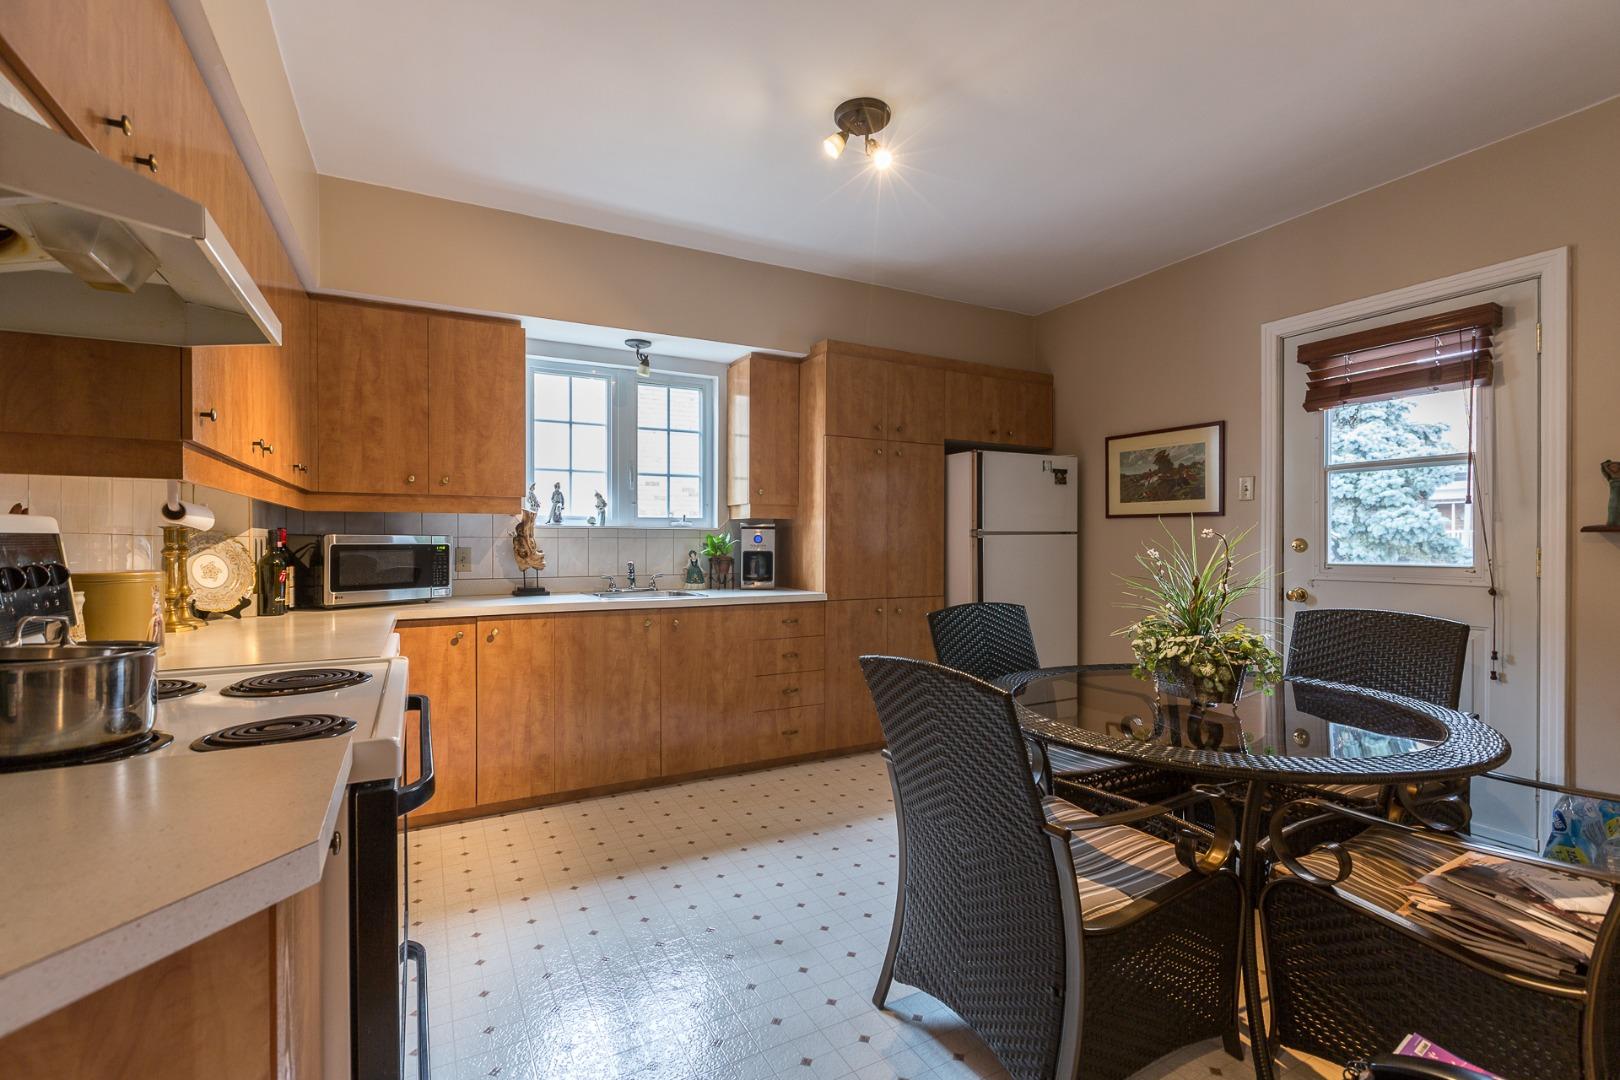 Duplex à vendre Montréal Ahuntsic-Cartierville-Nouveau Bordeaux - Cuisine